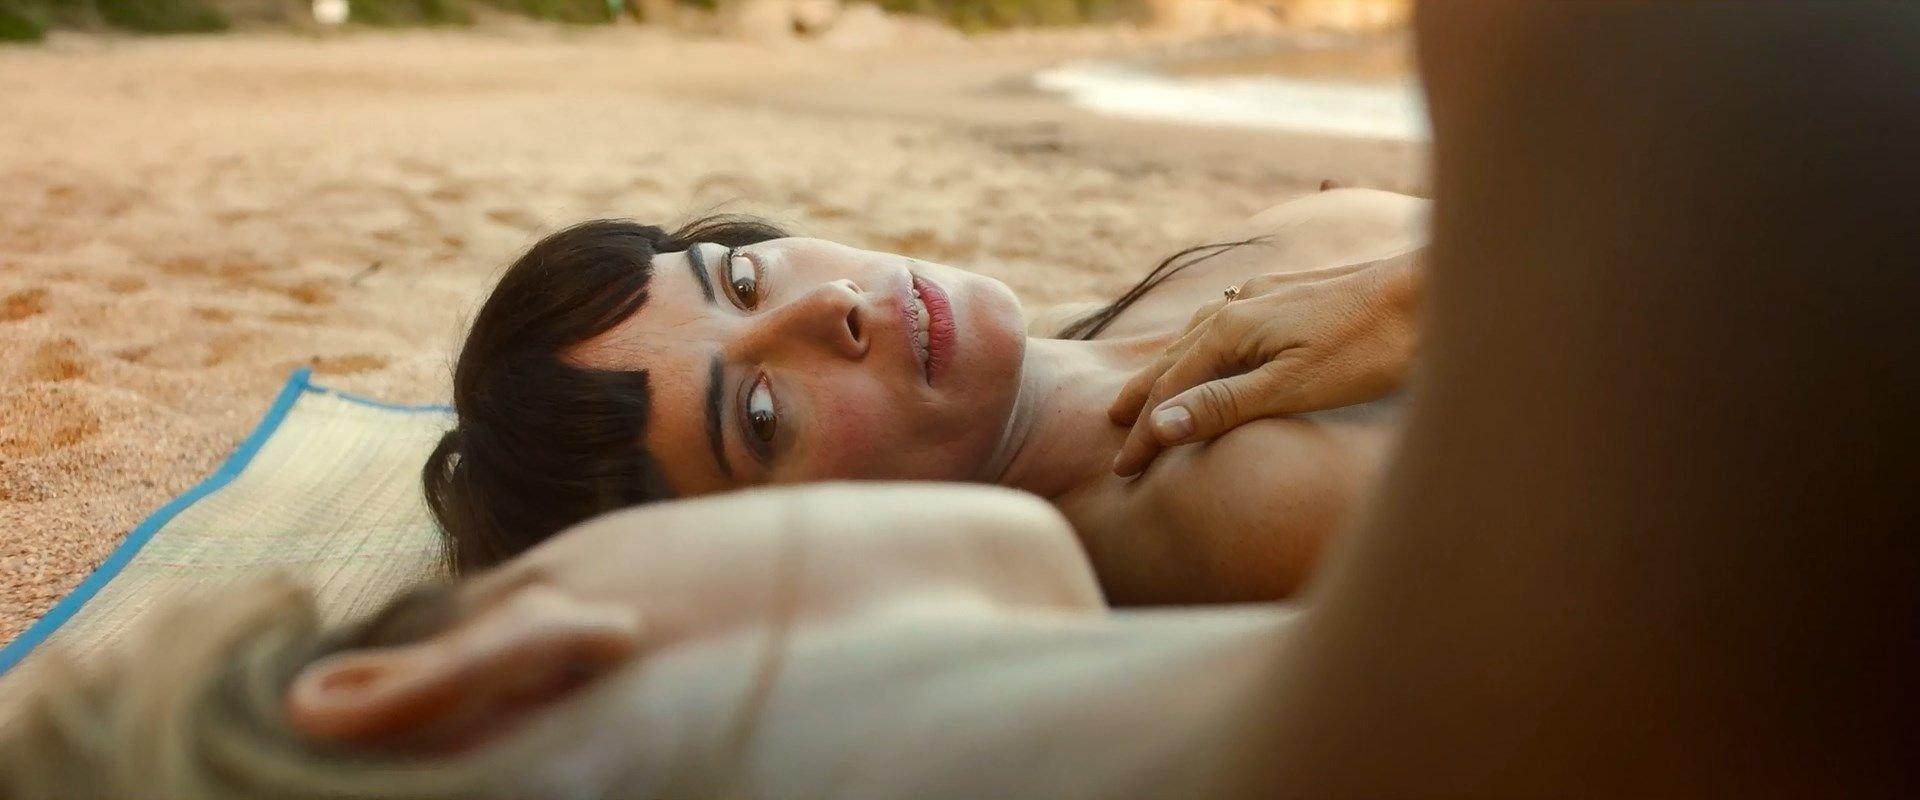 Maria Molins Patricia Lopez Arnaiz Lina Gorbaneva Nude El árbol